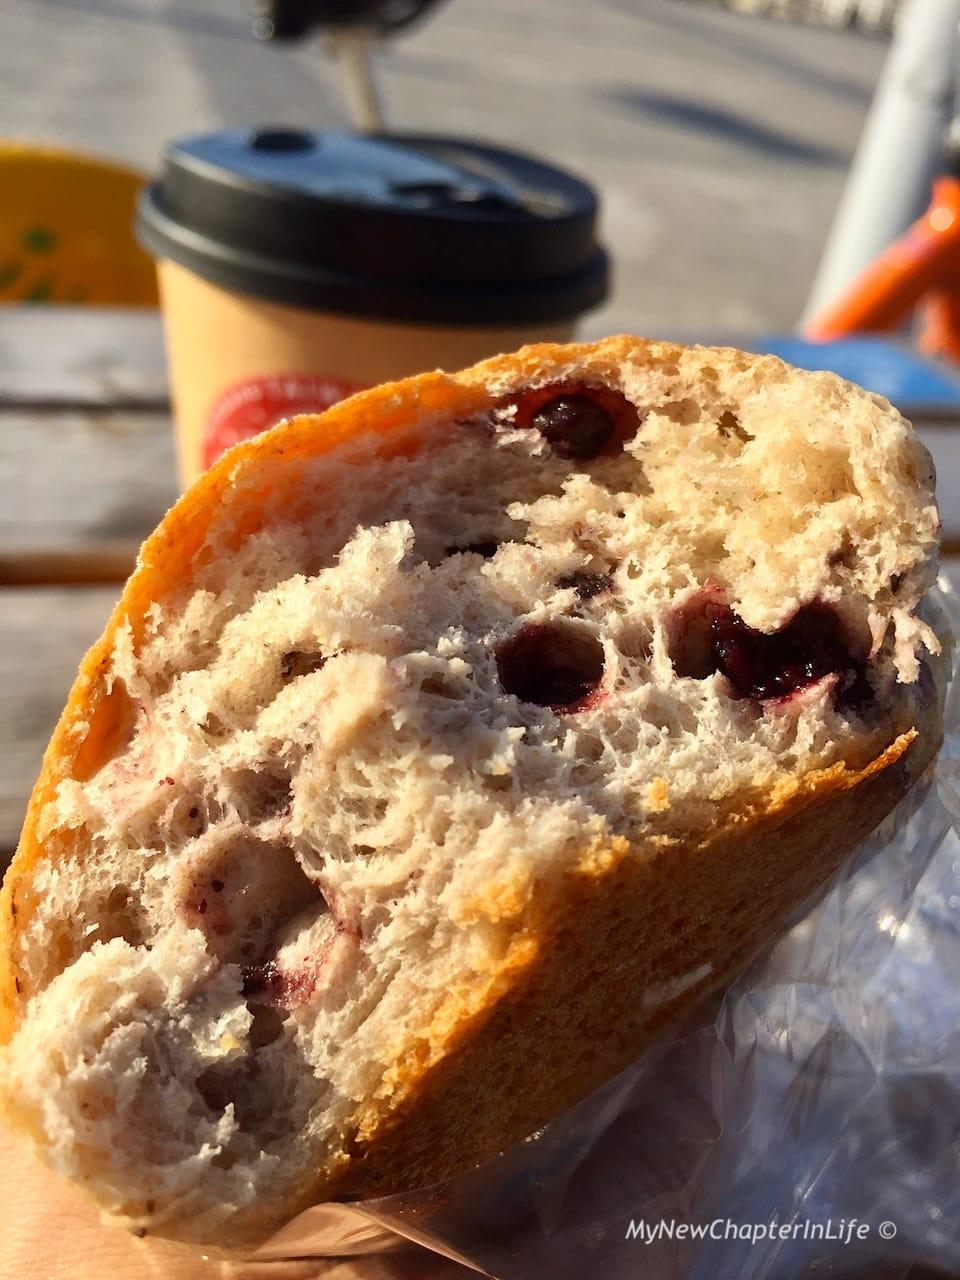 鬆軟的法國小藍莓麵包內層